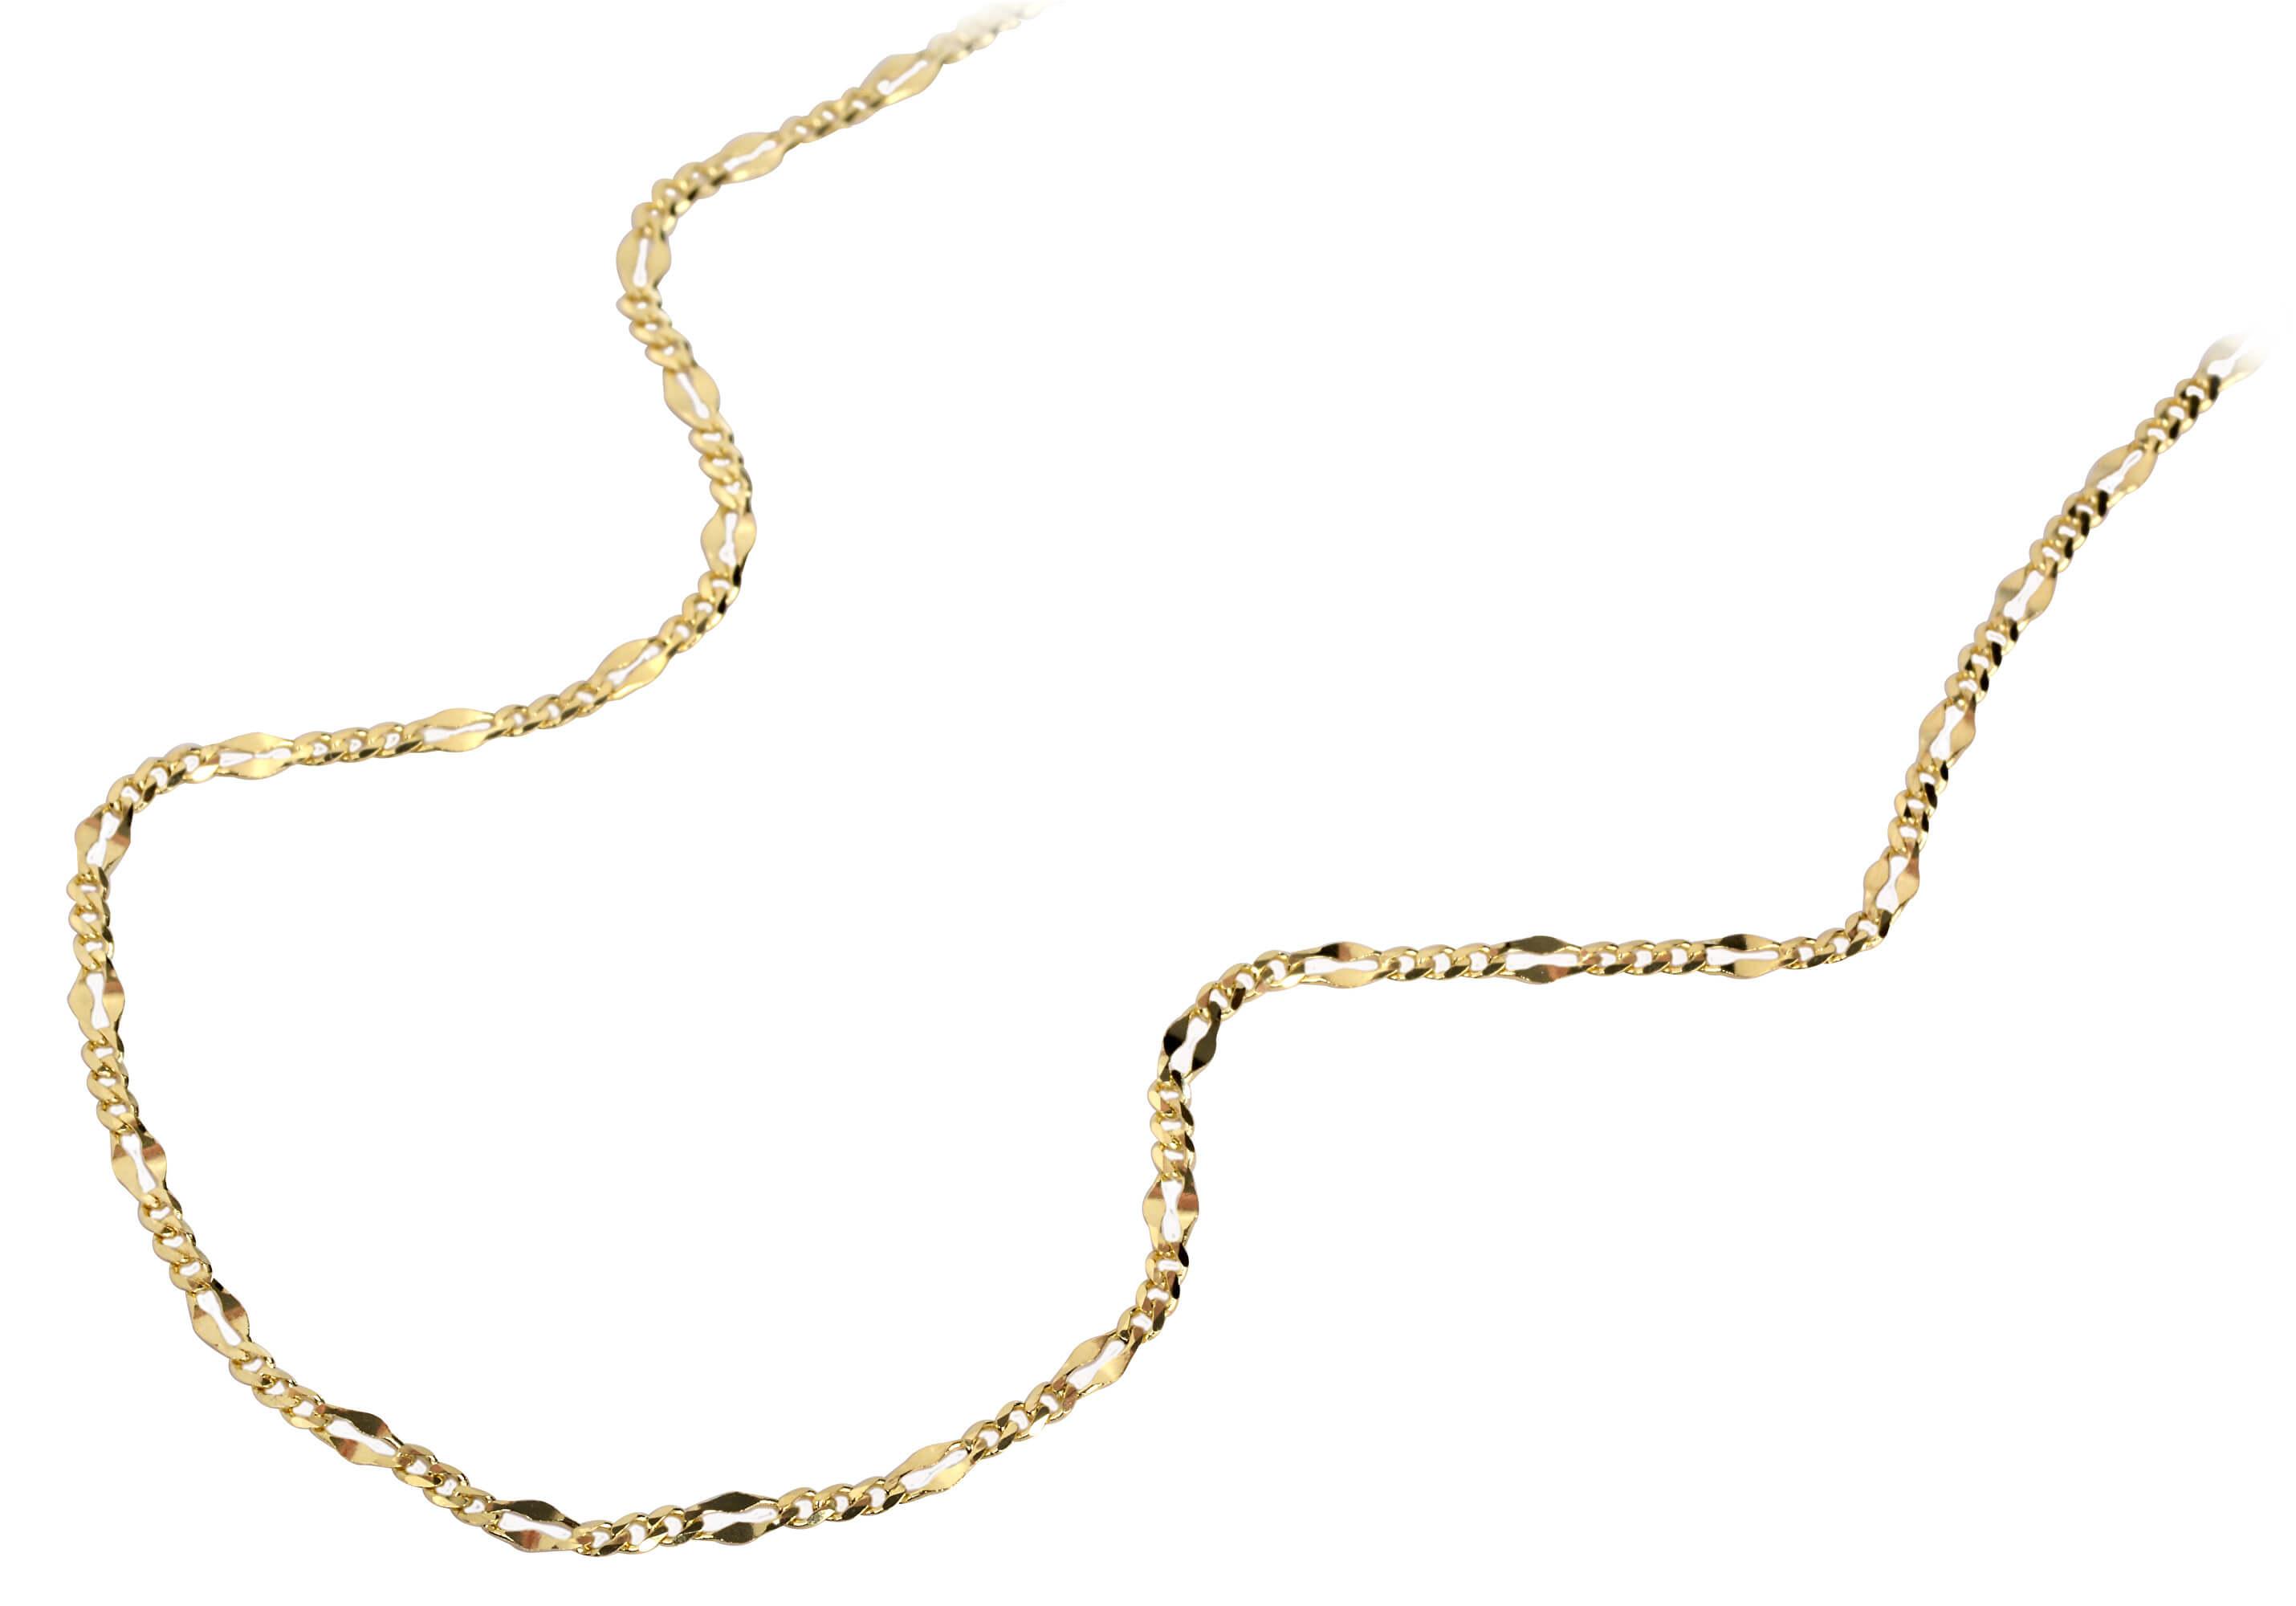 b119921e9 Brilio Originální zlatý řetízek 42 cm 271 115 00263 - 2,60 g Doprava ...